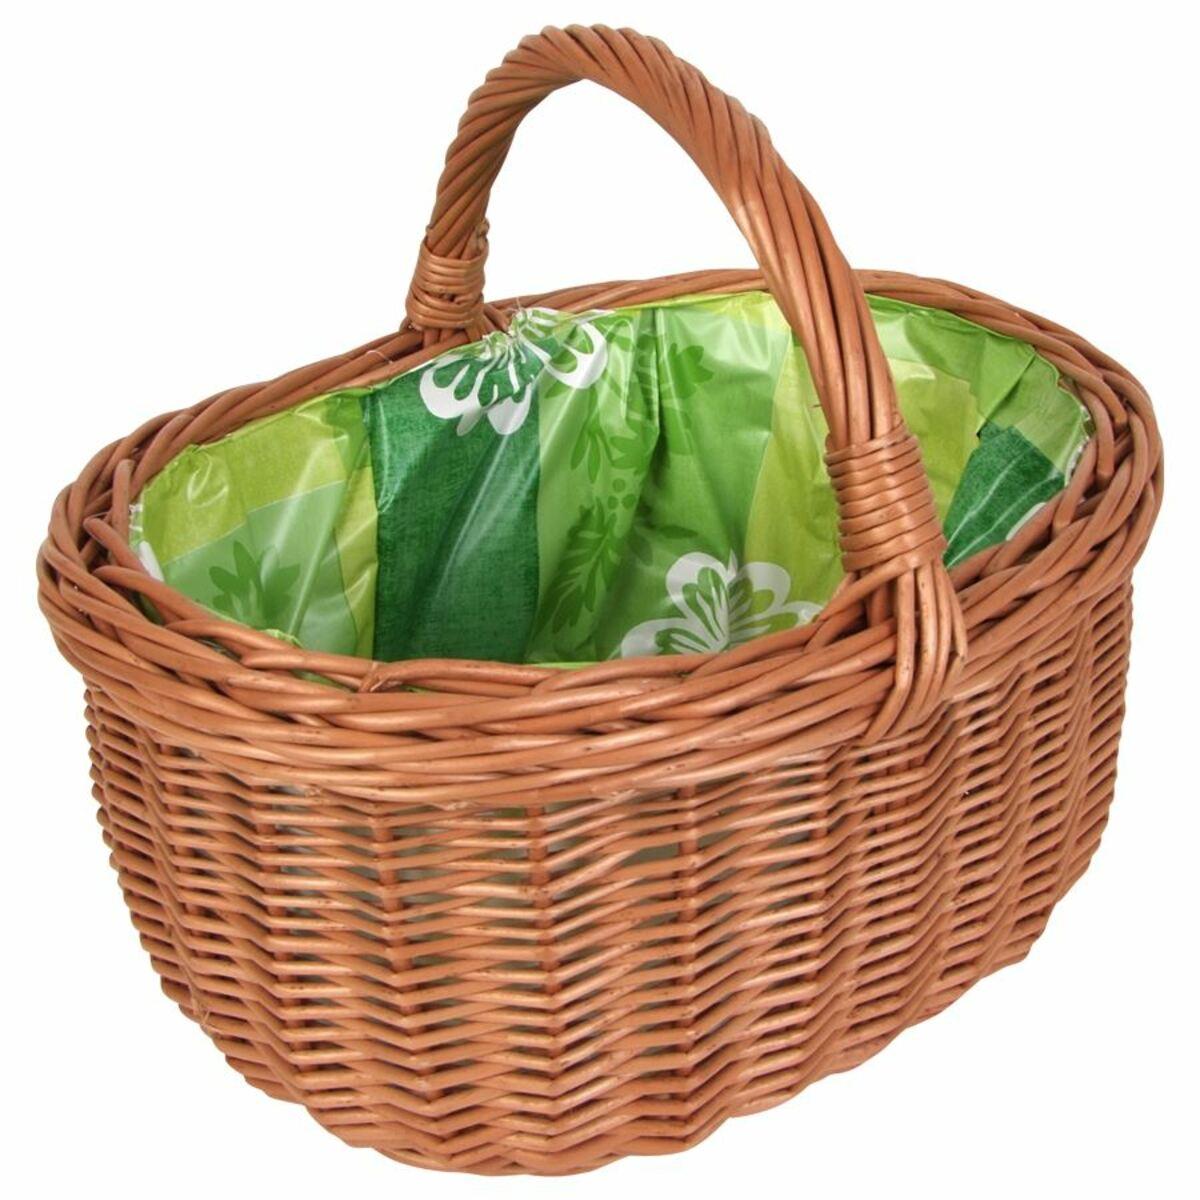 Bild 4 von Weiden-Einkaufskorb mit Innenfolie